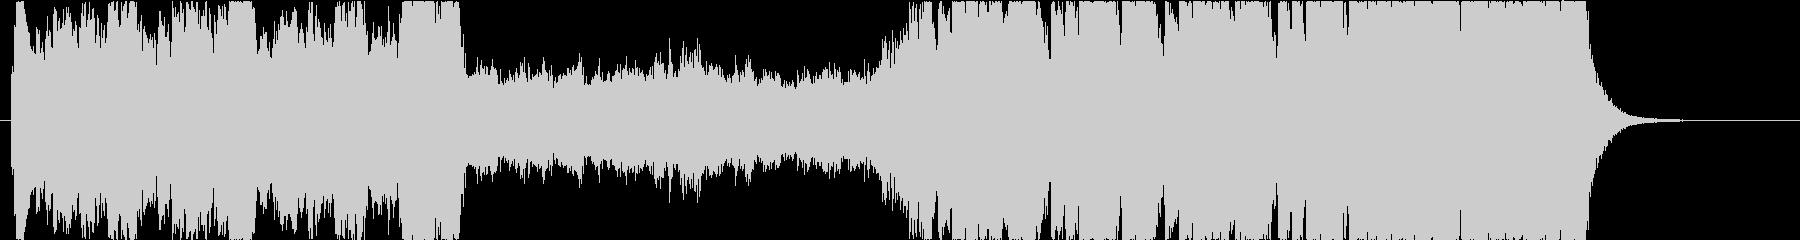 シネマティックヒーロー型EPICサウンドの未再生の波形